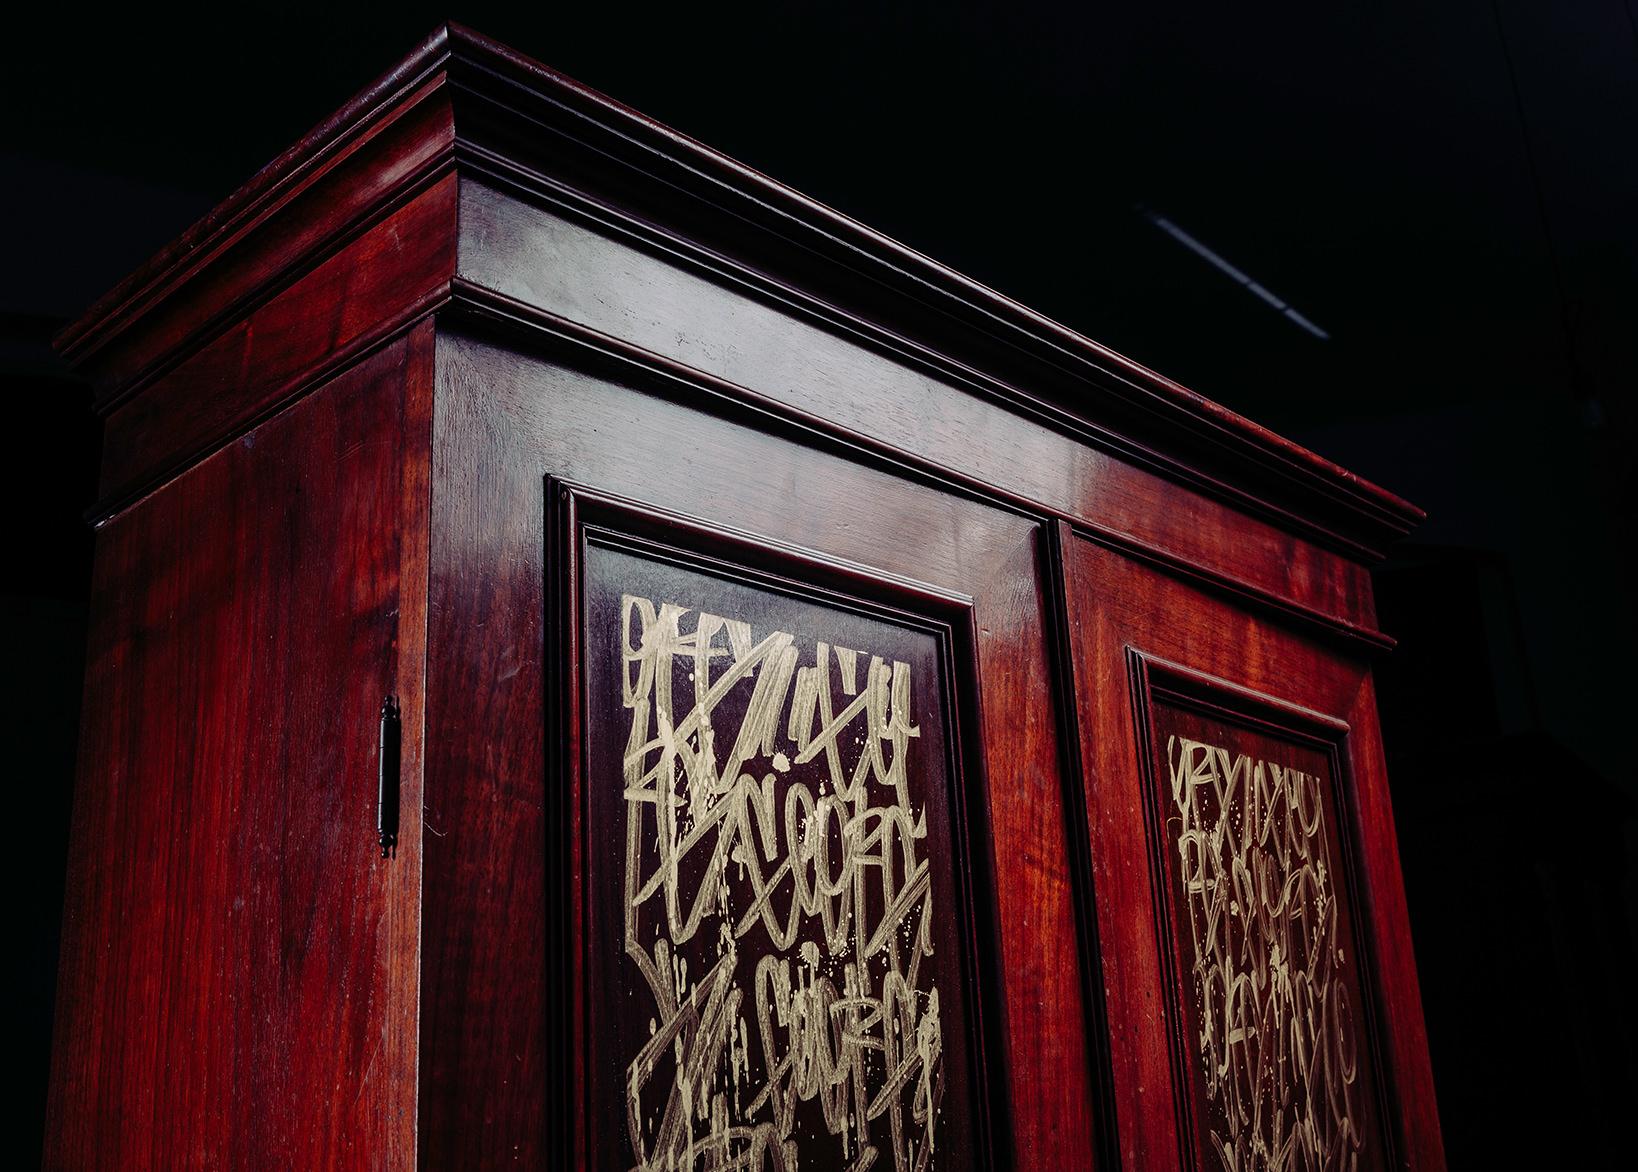 ohP-custom-art-graffiti-streetart-furniture-tags-dresser